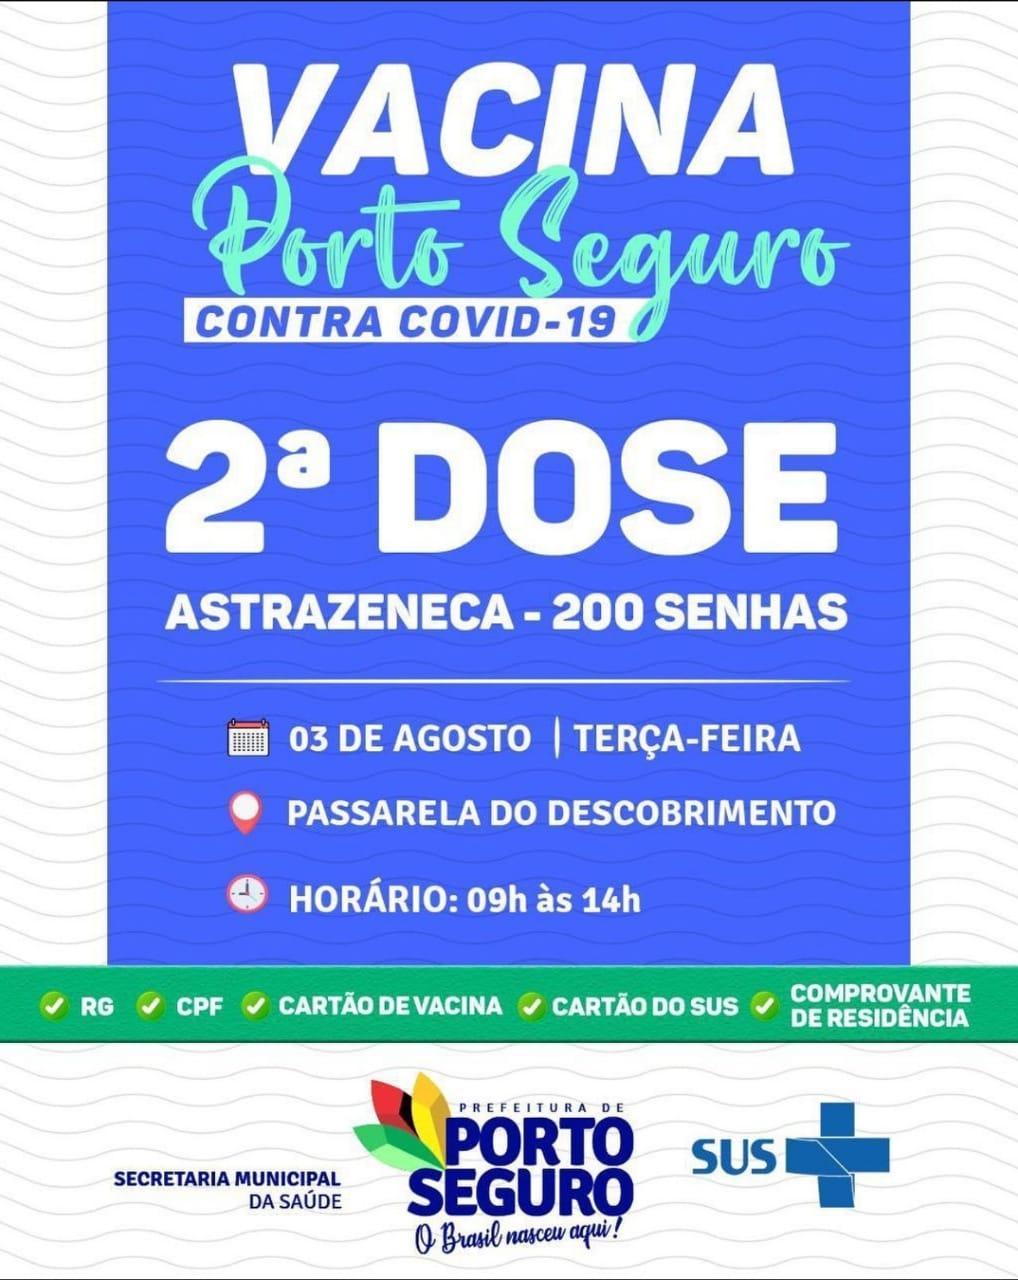 Vacina Porto Seguro contra Covid-19; cronograma de vacinação de 02 a 04 de Agosto 34